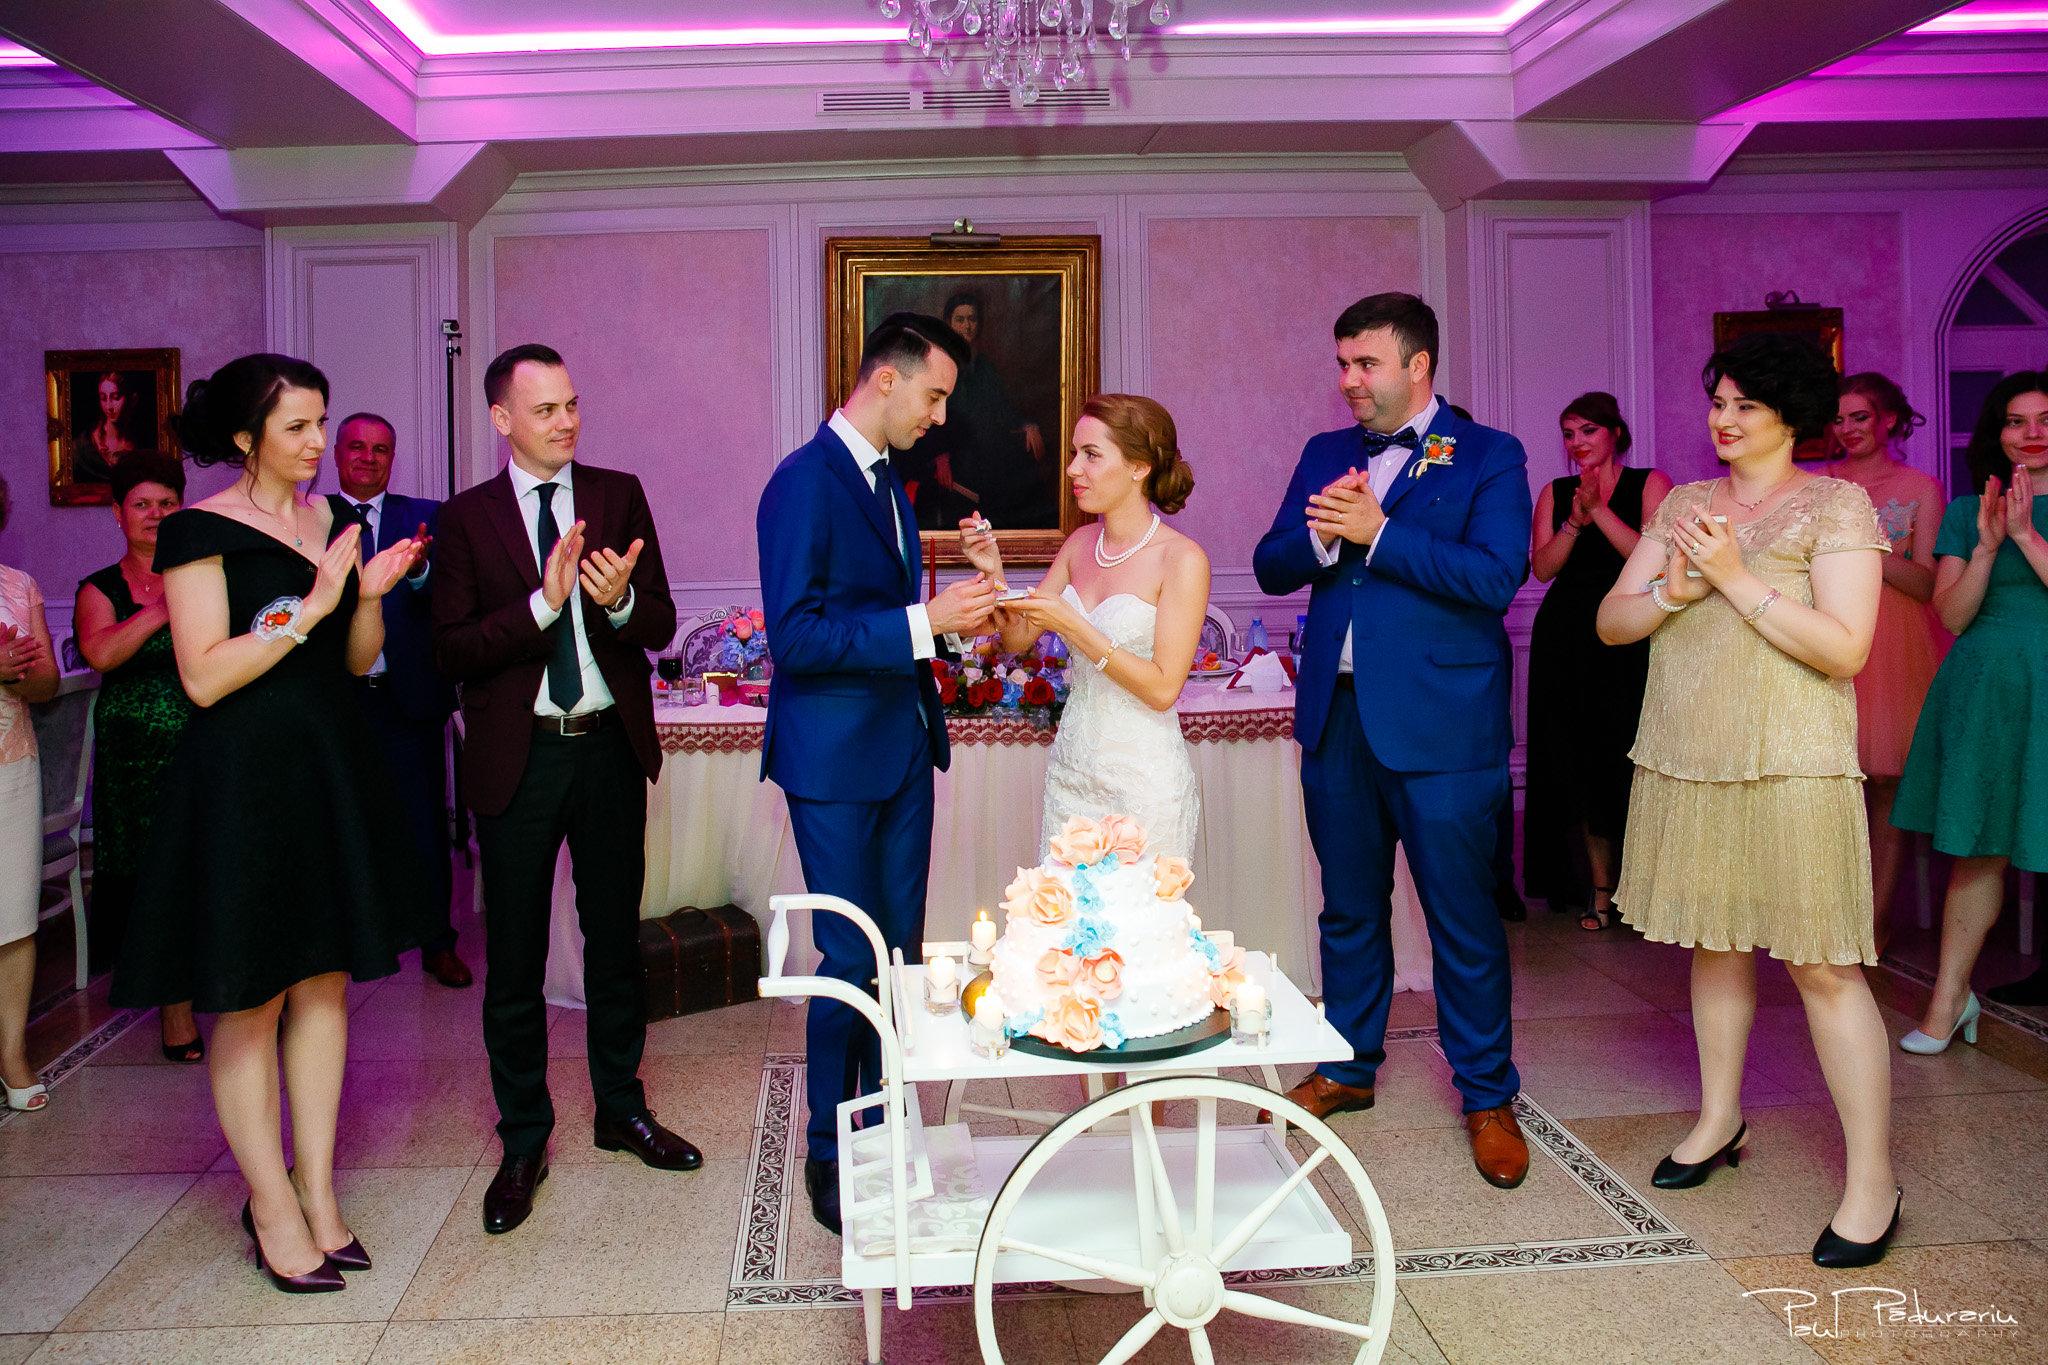 Roxana si Silviu Nunta Hotel Eden petrecere fotograf profesionist iasi www.paulpadurariu.ro © 2017 Paul Padurariu tort taiat